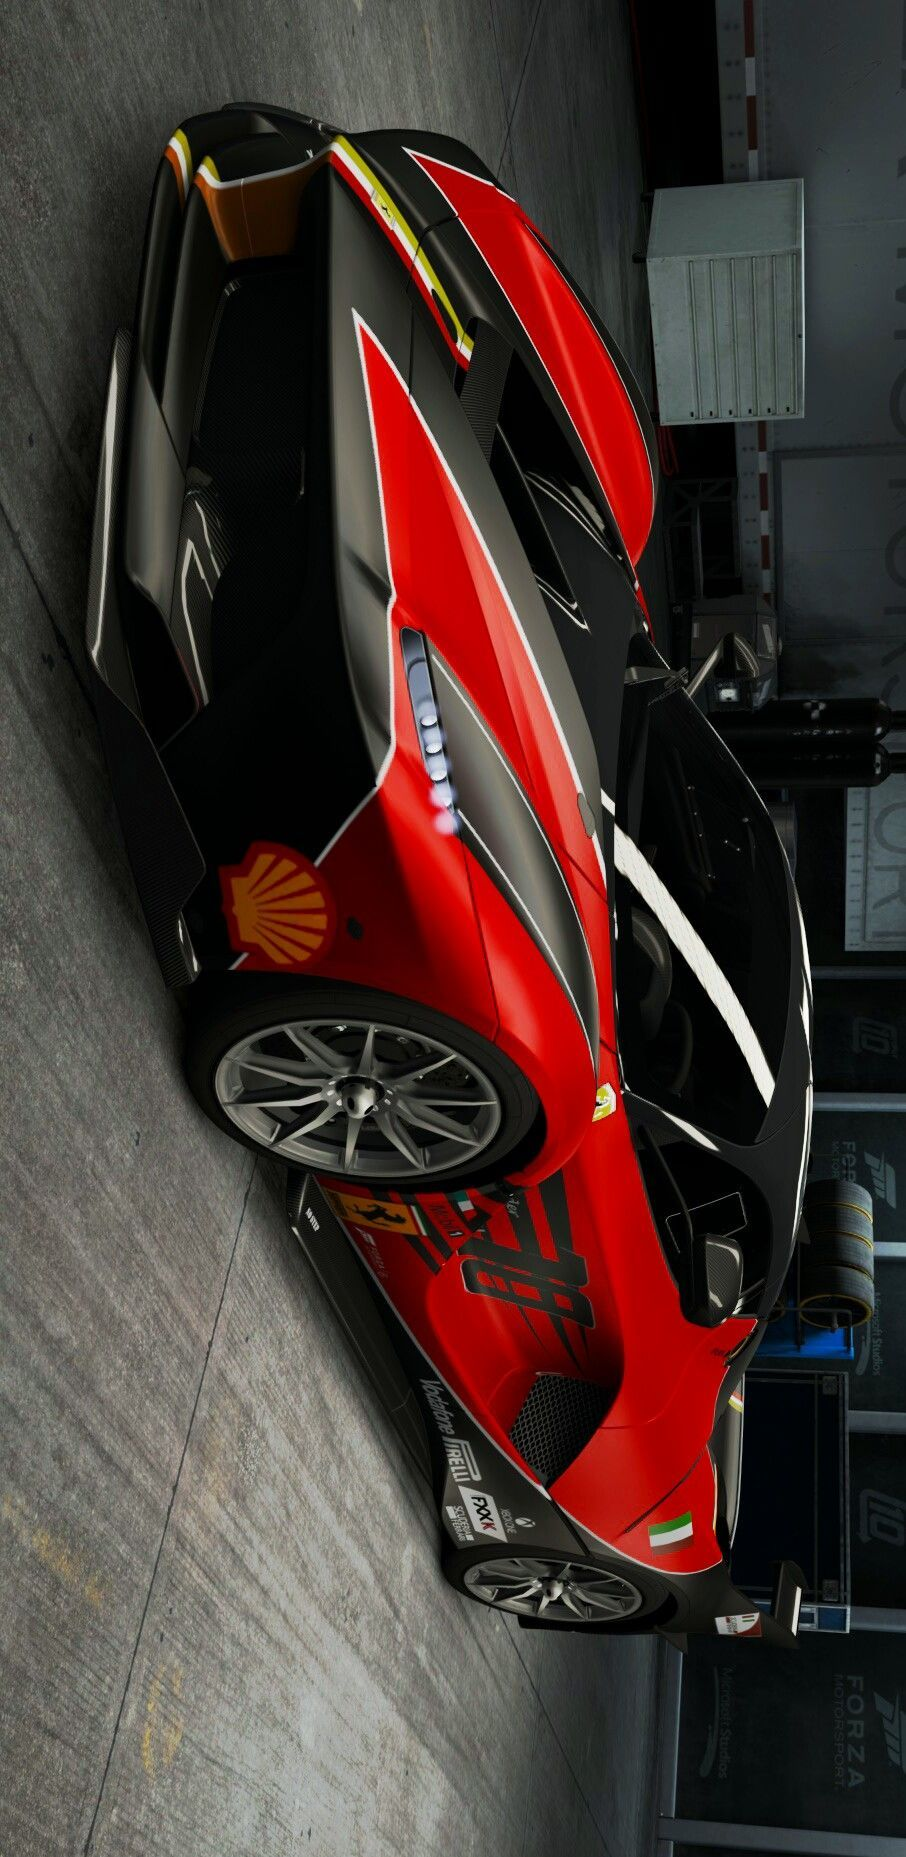 El Top 10 De Los Autos Más Caros Del Mundo Automóviles Los 15 Autos De Lujo Más Extravagantes Del Mundo Cha Coches Deportivos Autos Lujosos Coches Chulos